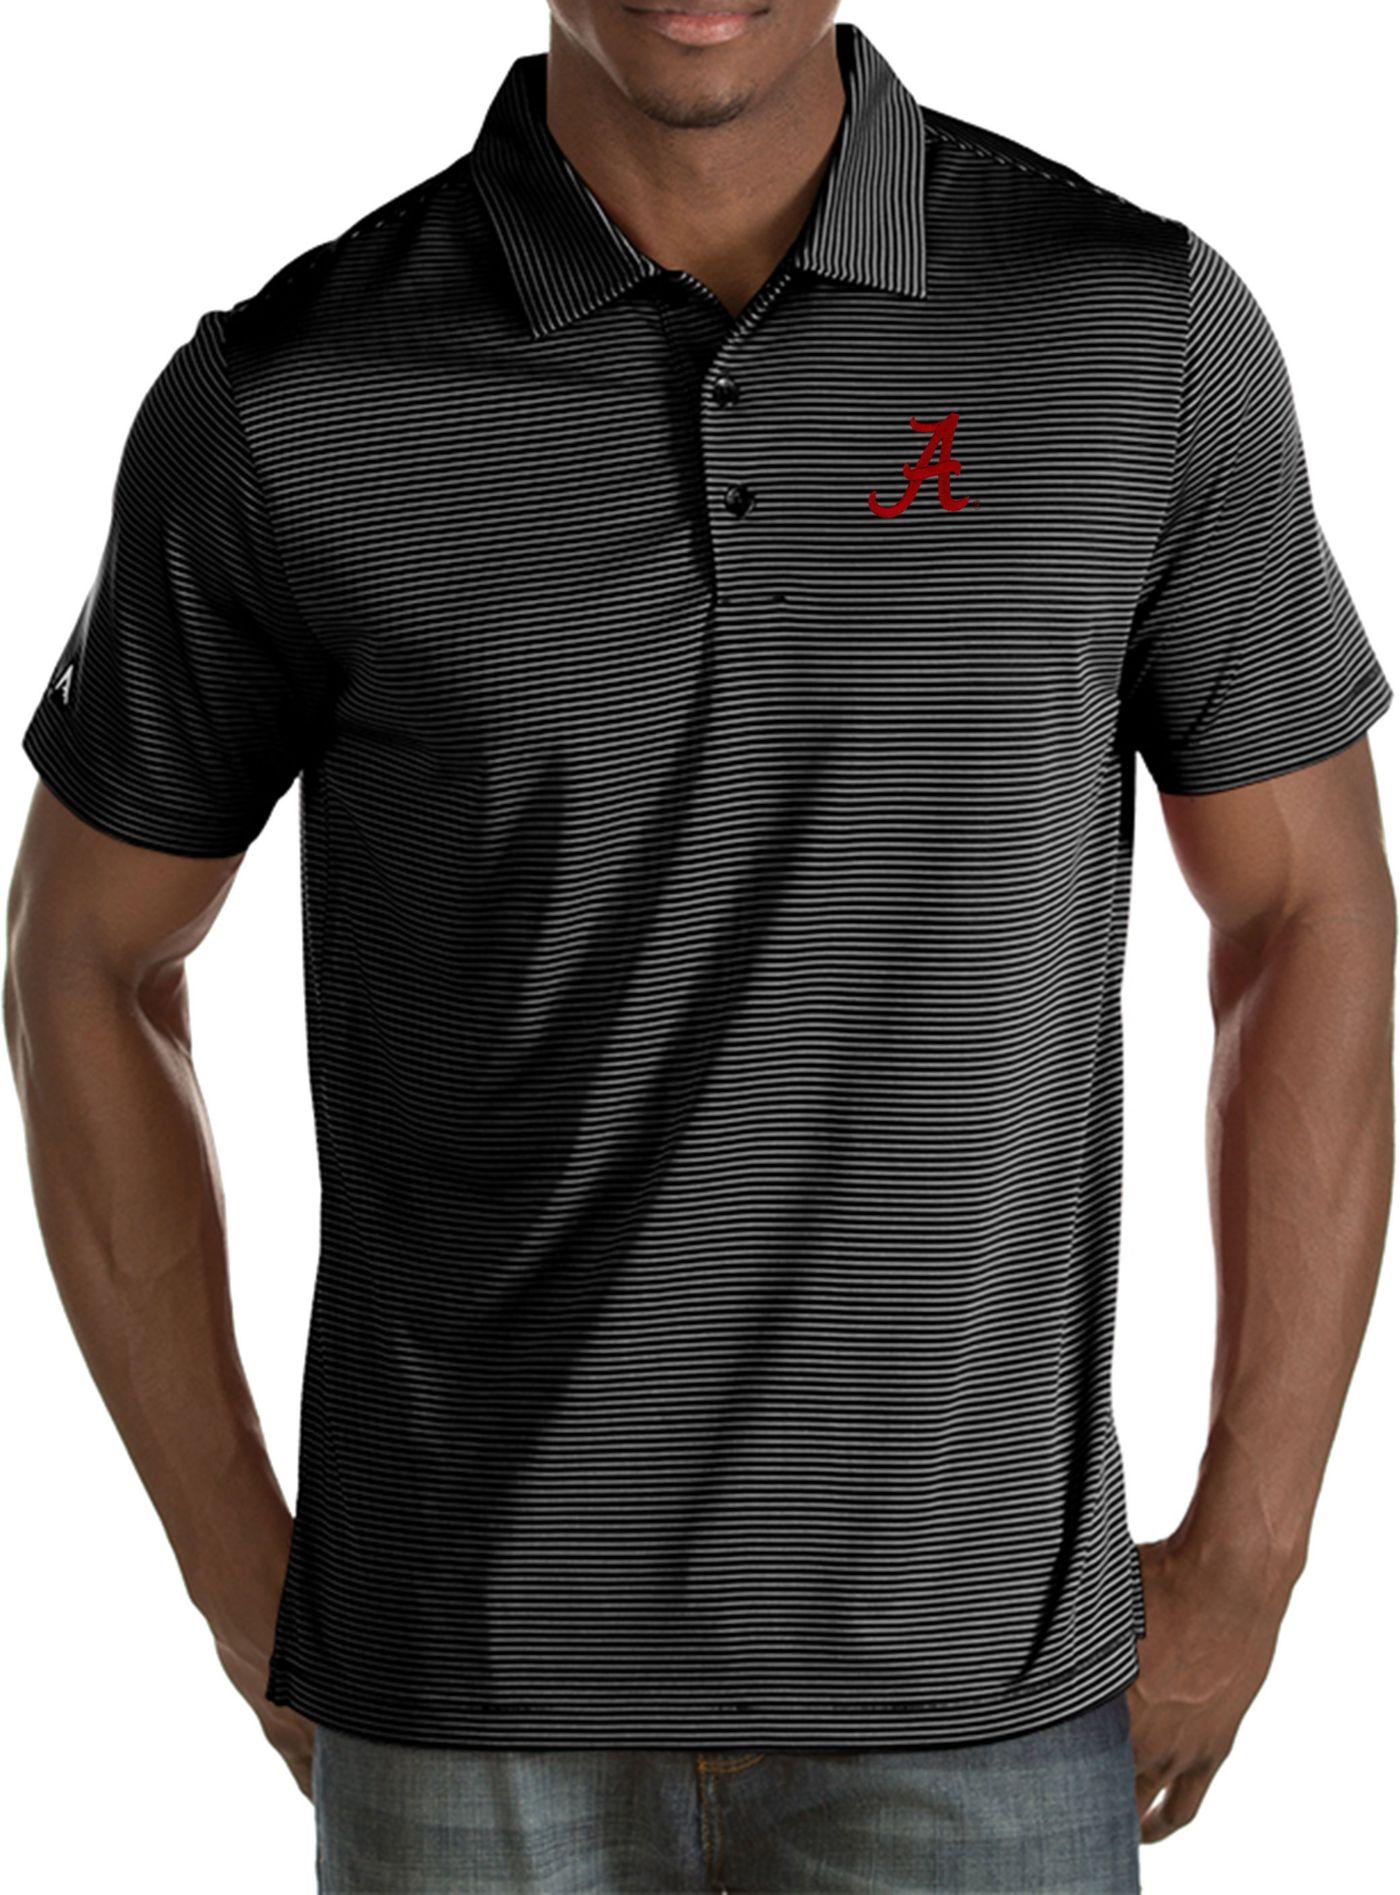 Antigua Men's Alabama Crimson Tide Black Quest Polo